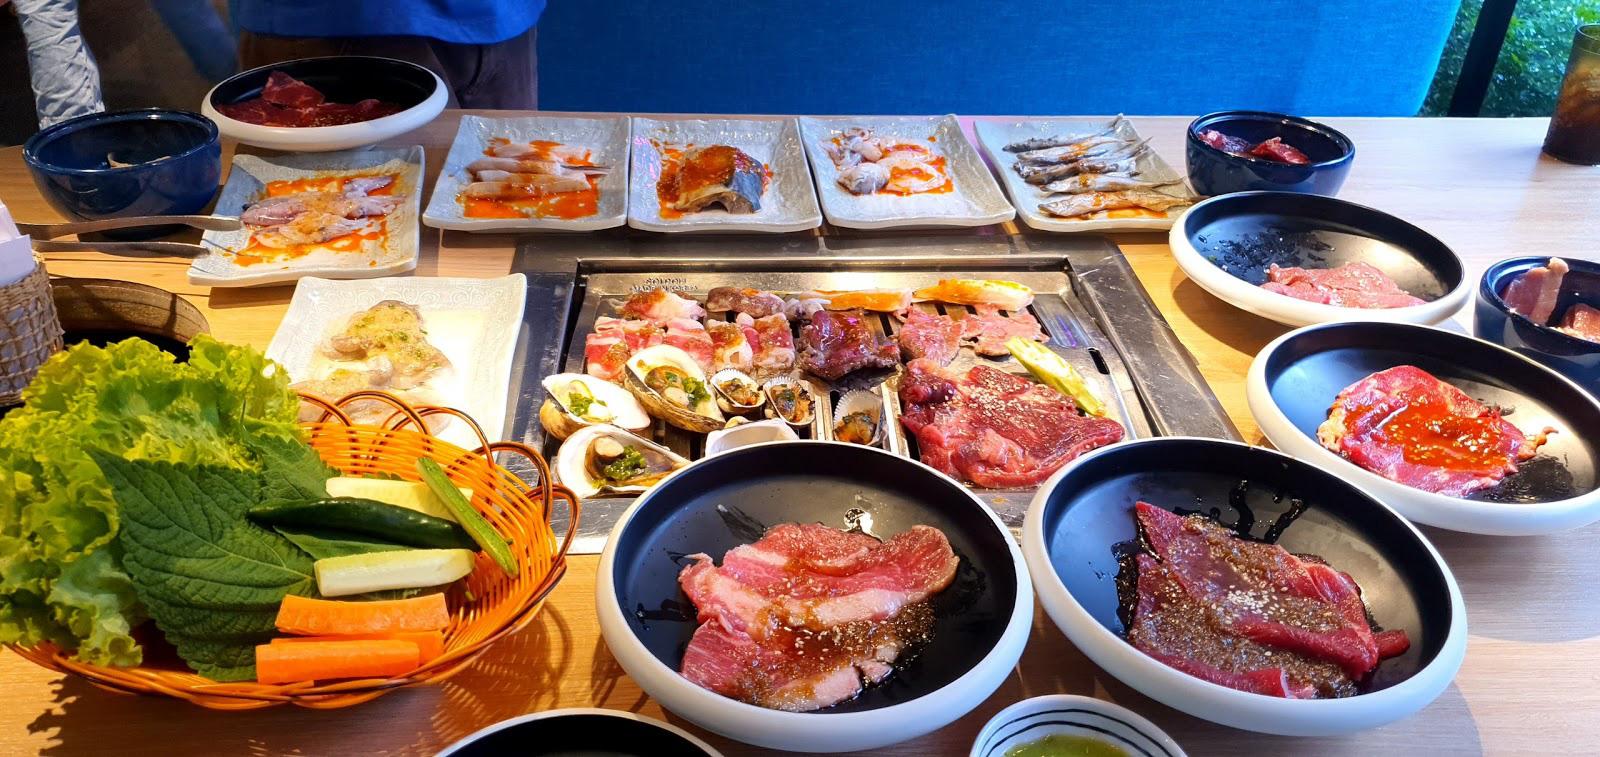 Giới trẻ phát sốt lùng sục check-in không gian Itaewon tại Urban BBQ Sài thành với phần thưởng lên tới 5 triệu đồng - Ảnh 6.